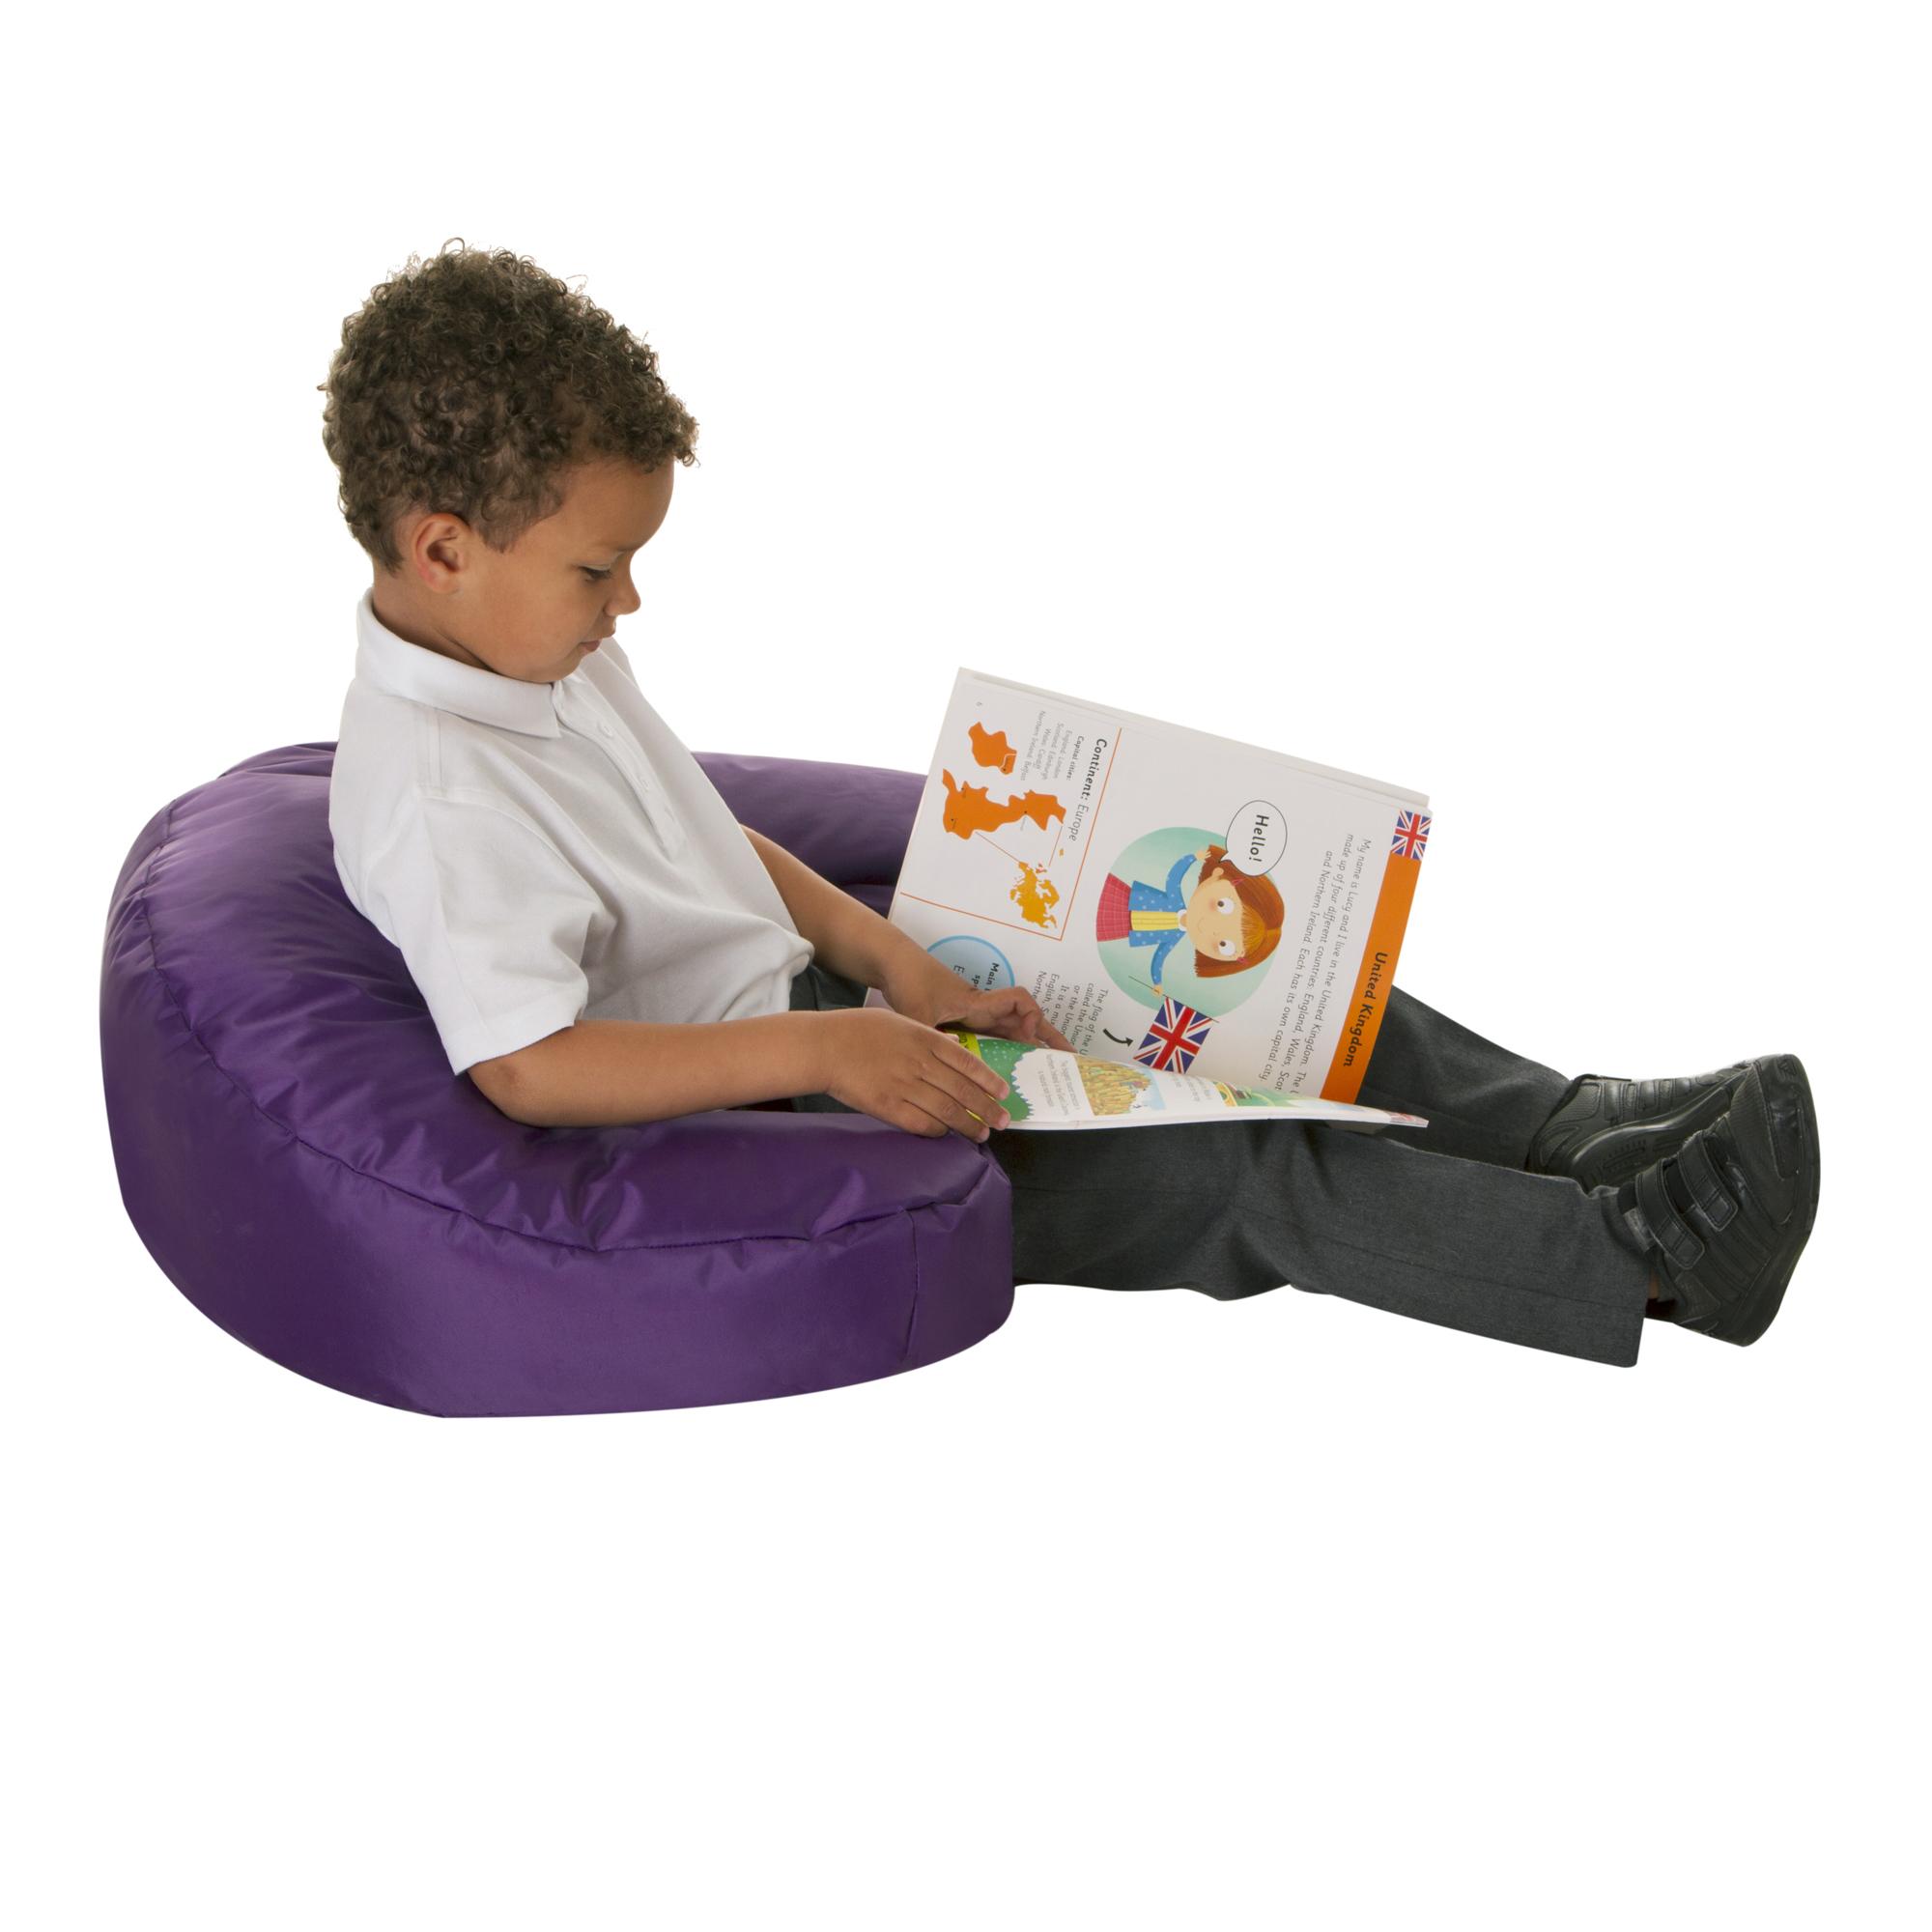 Eden-Support-Seat-Purple-300dpi-5